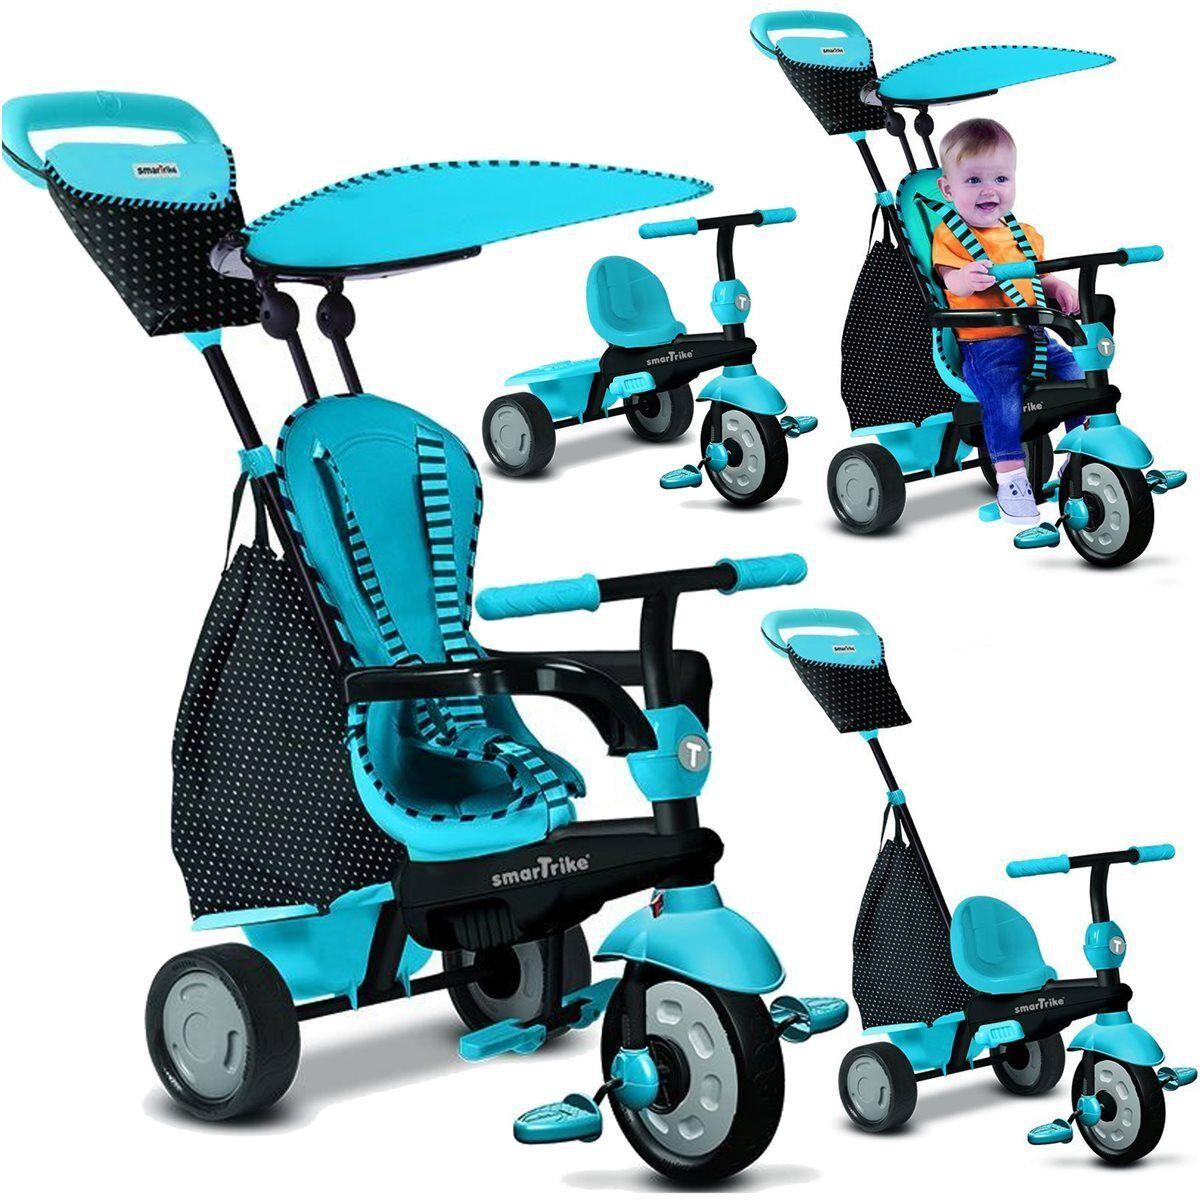 Triciclo azul bebé a partir de 10-36 m. bastidor de metal schubstange con directivo nuevo/en el embalaje original